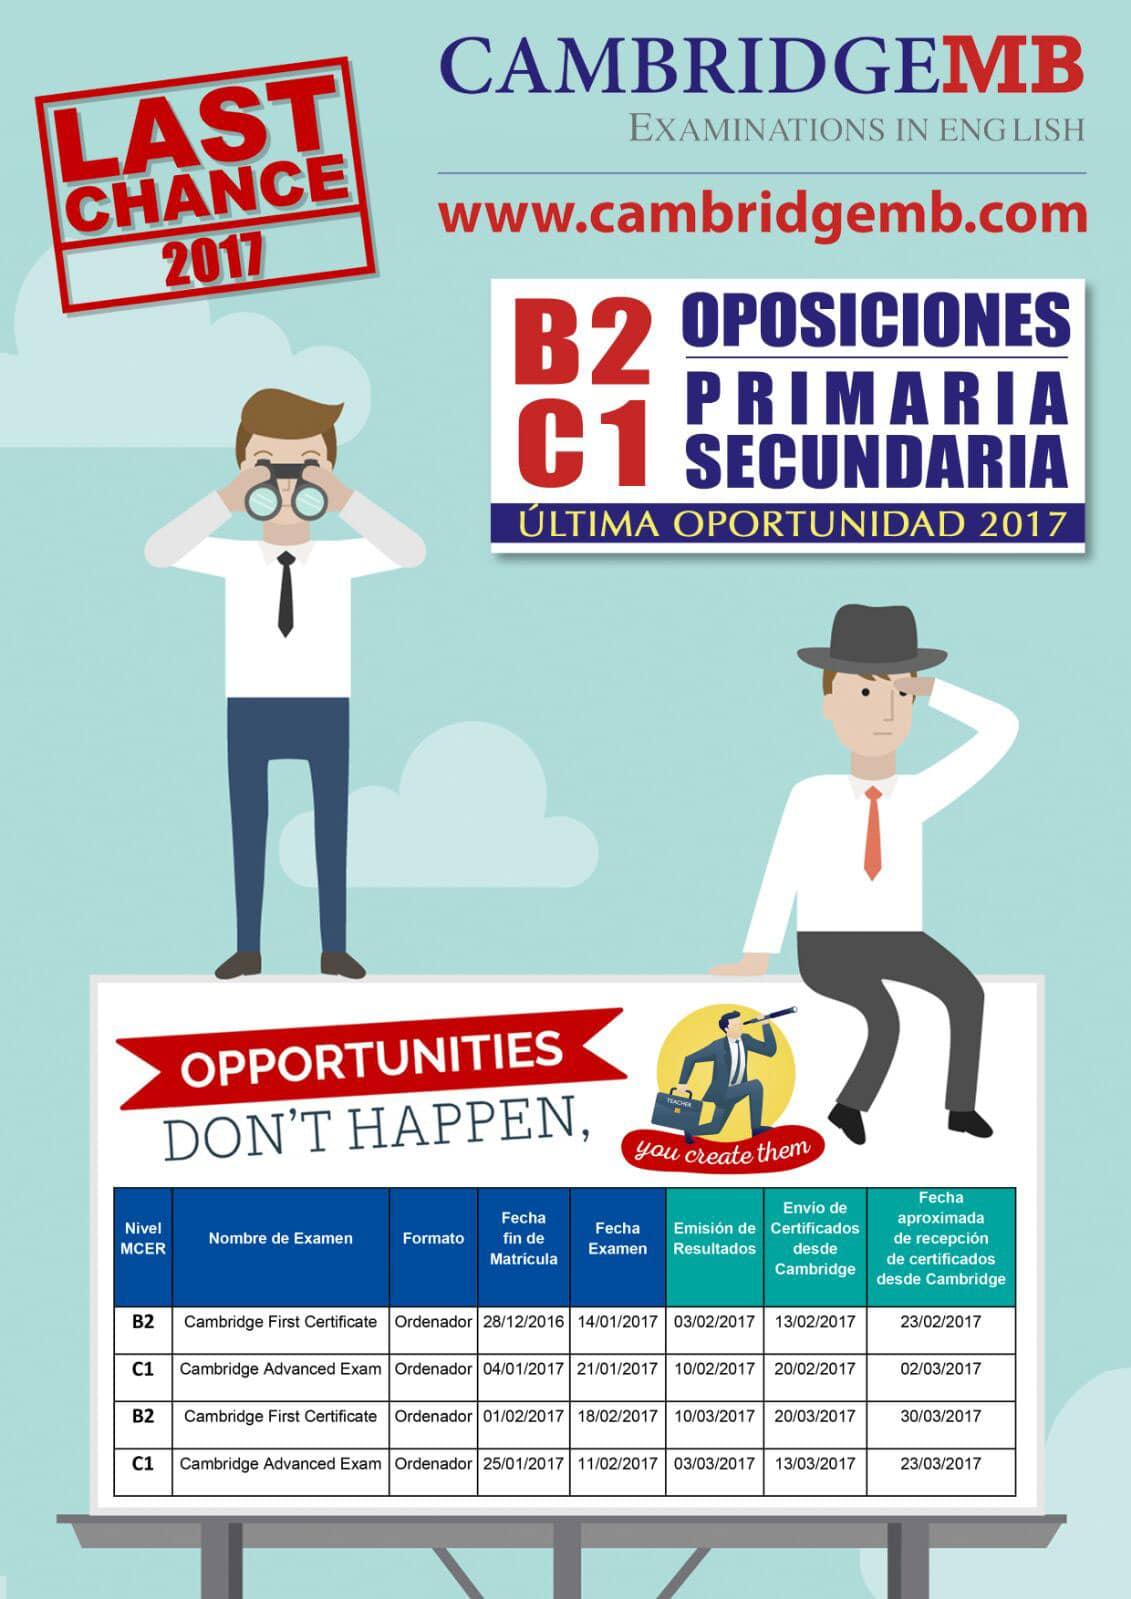 Fechas de Exámenes Cambridge B1 y B2 orientadas a oposiciones de Primaria y Secundaria en Cáceres